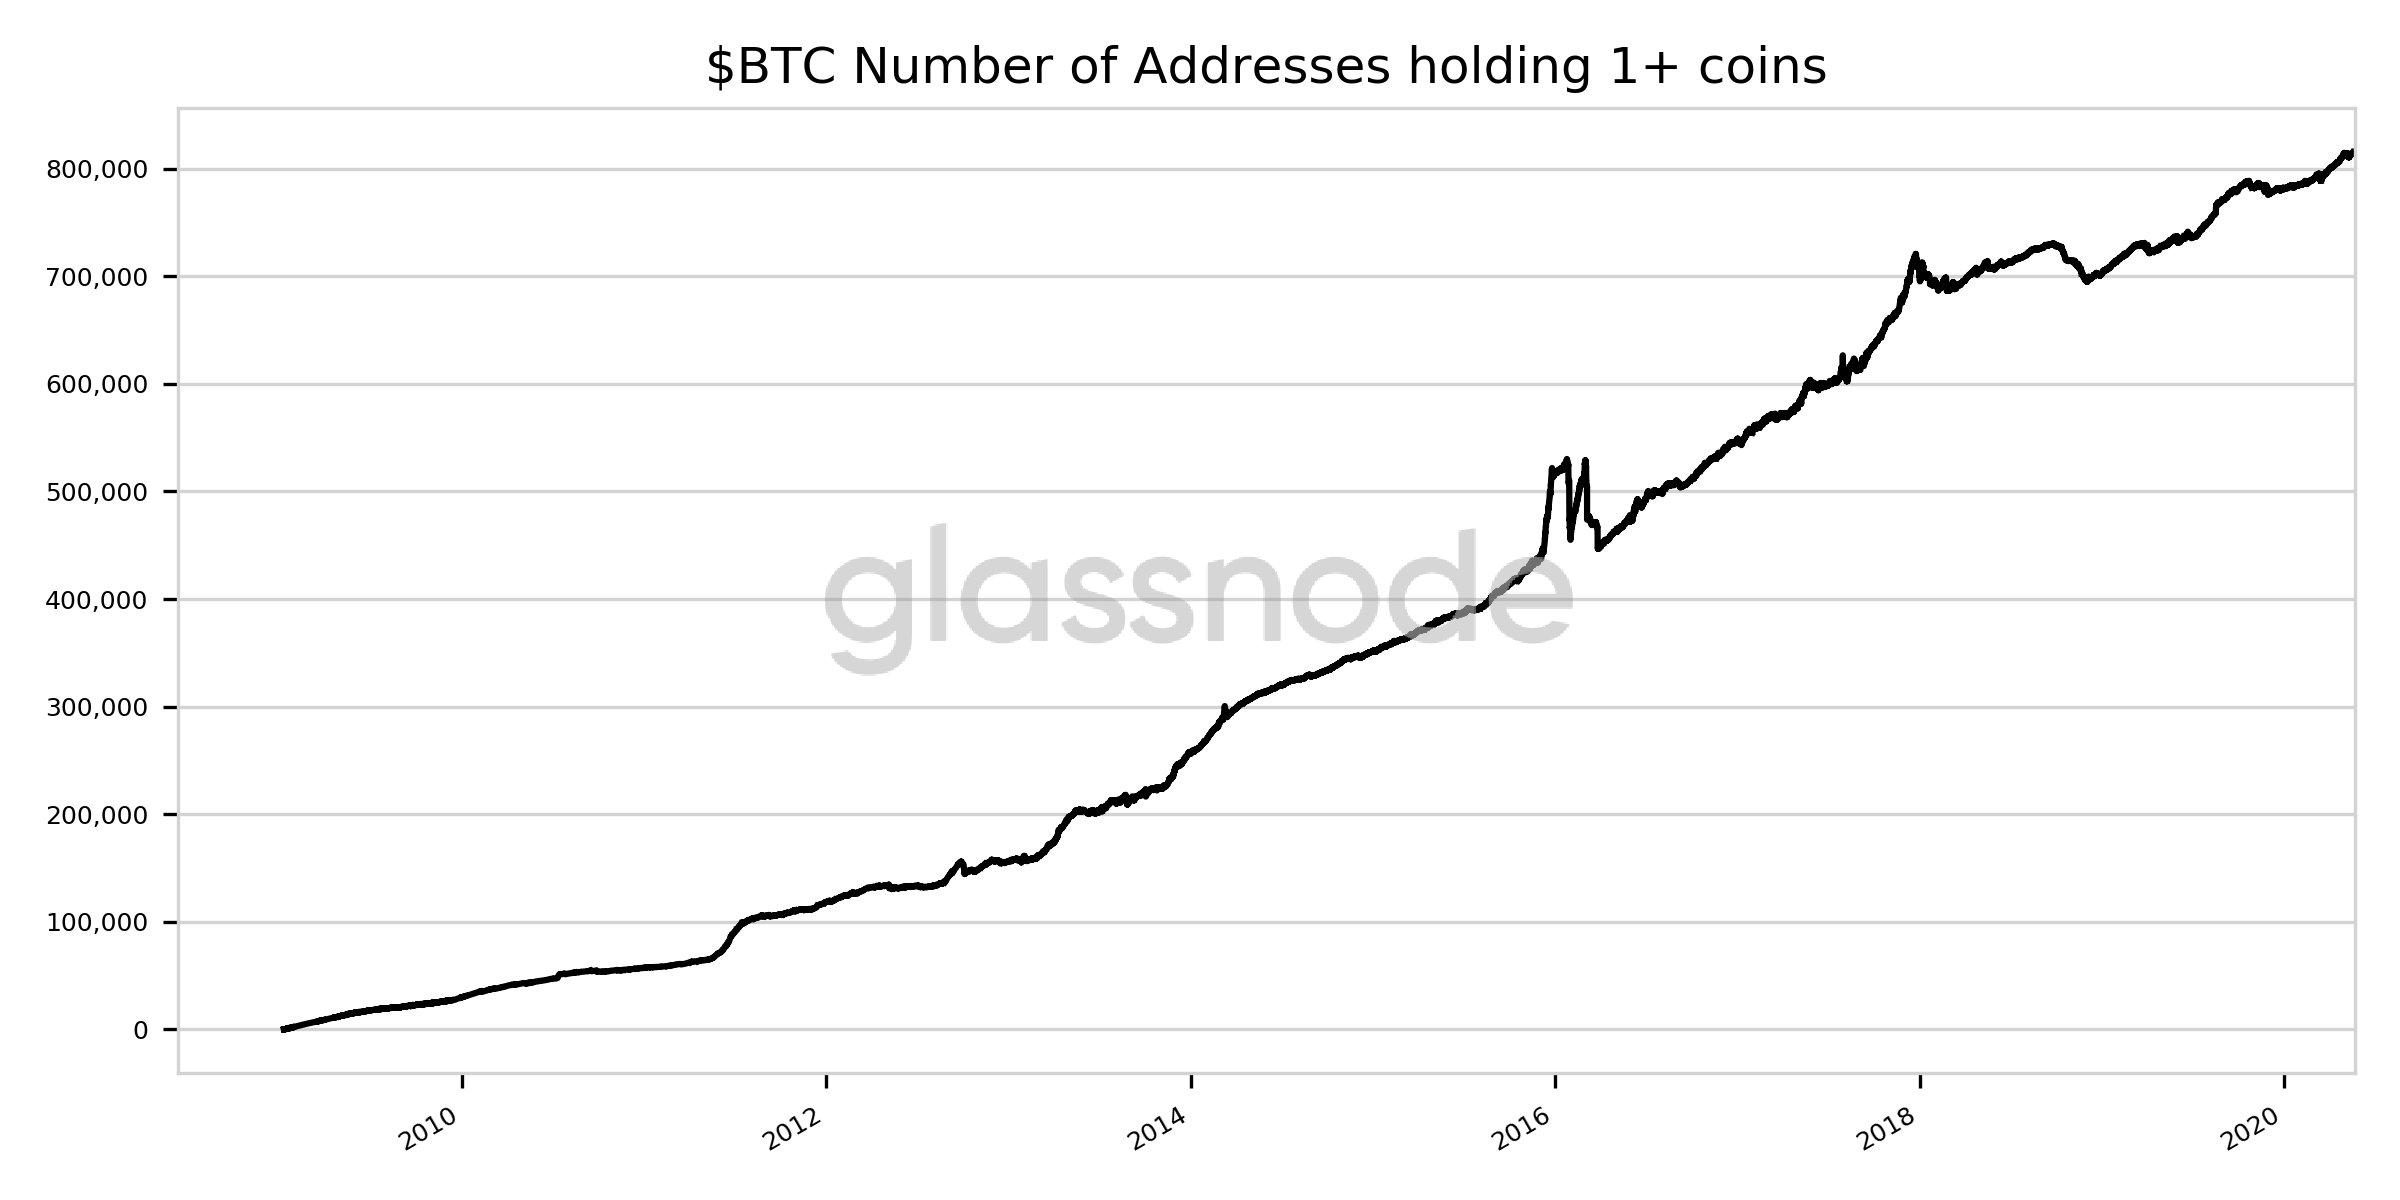 Инвесторы продолжают выводить bitcoin с бирж на фоне падения цены актива